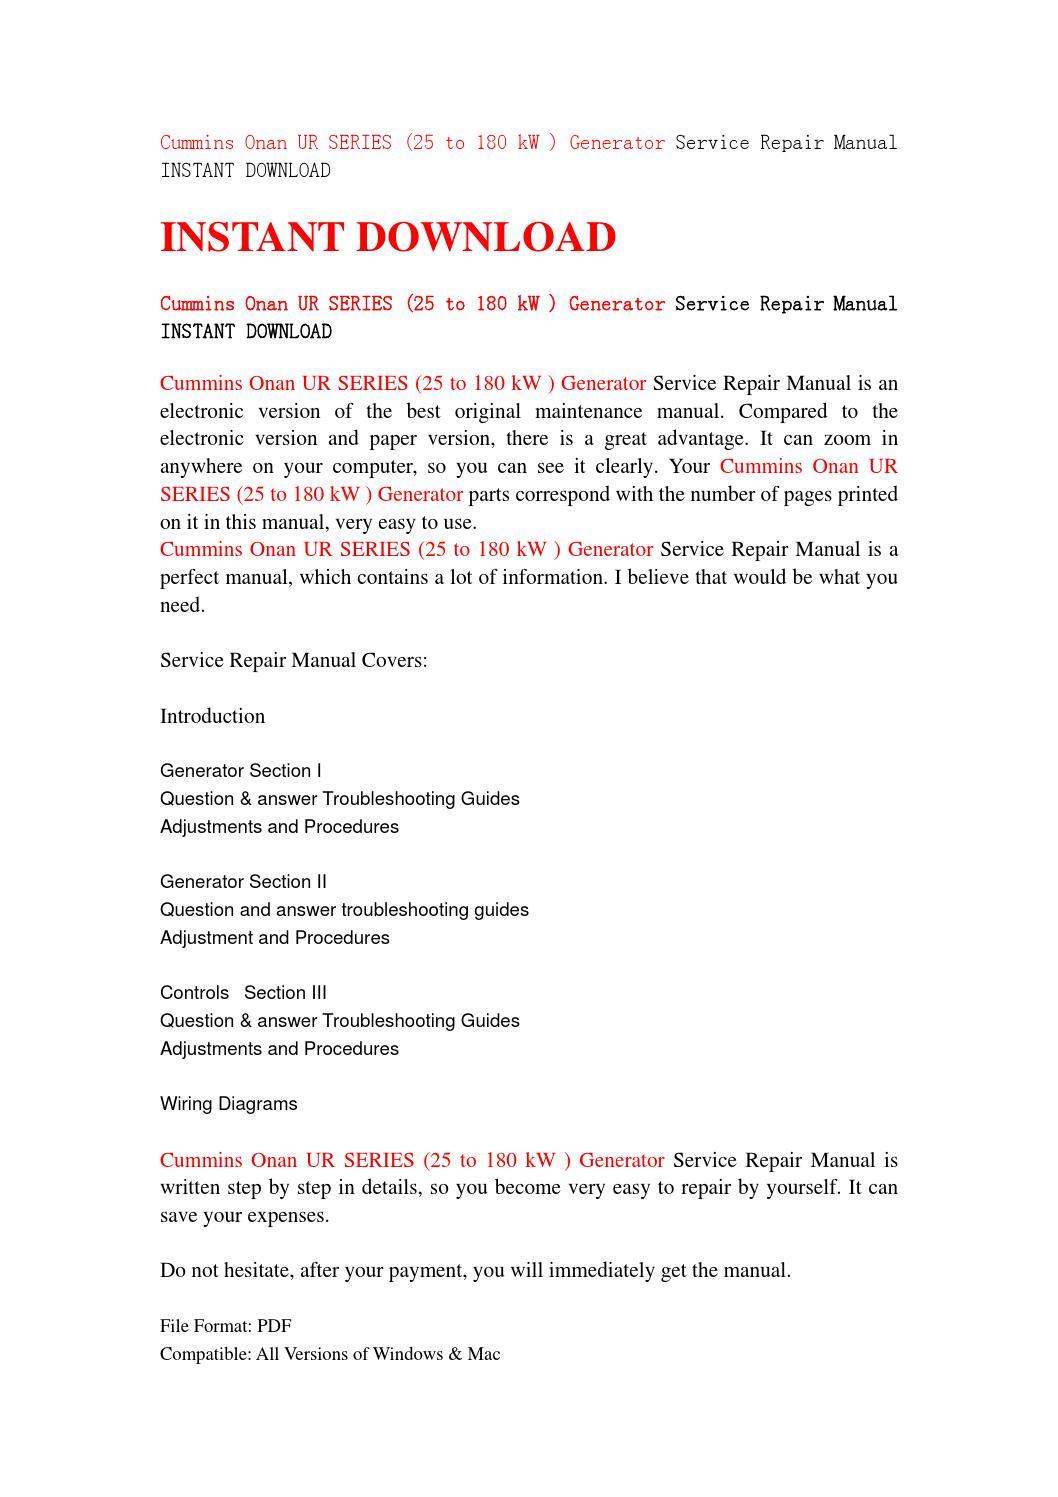 onan generator repair manual download